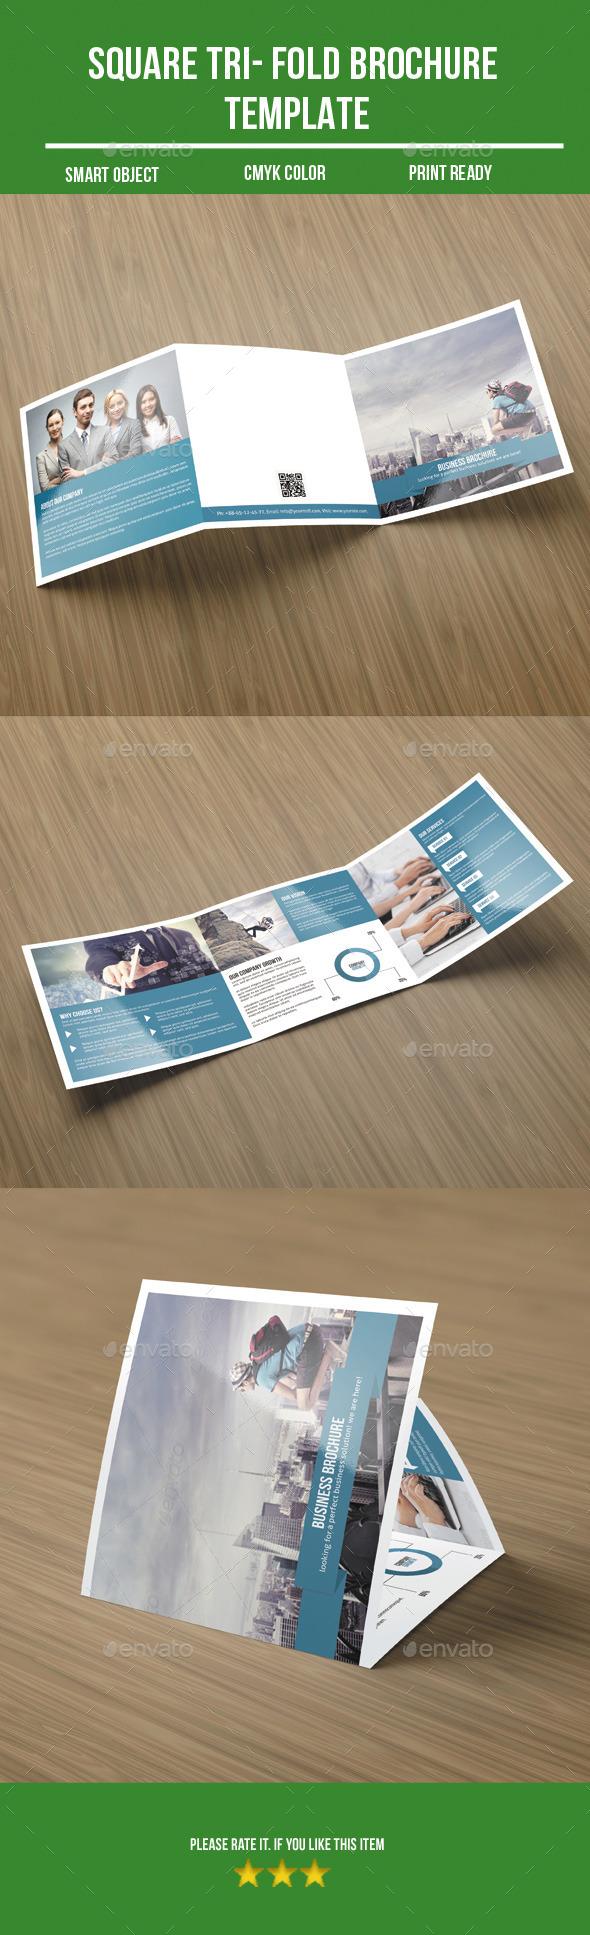 GraphicRiver Square Tri- Fold Business Brochure 9909580